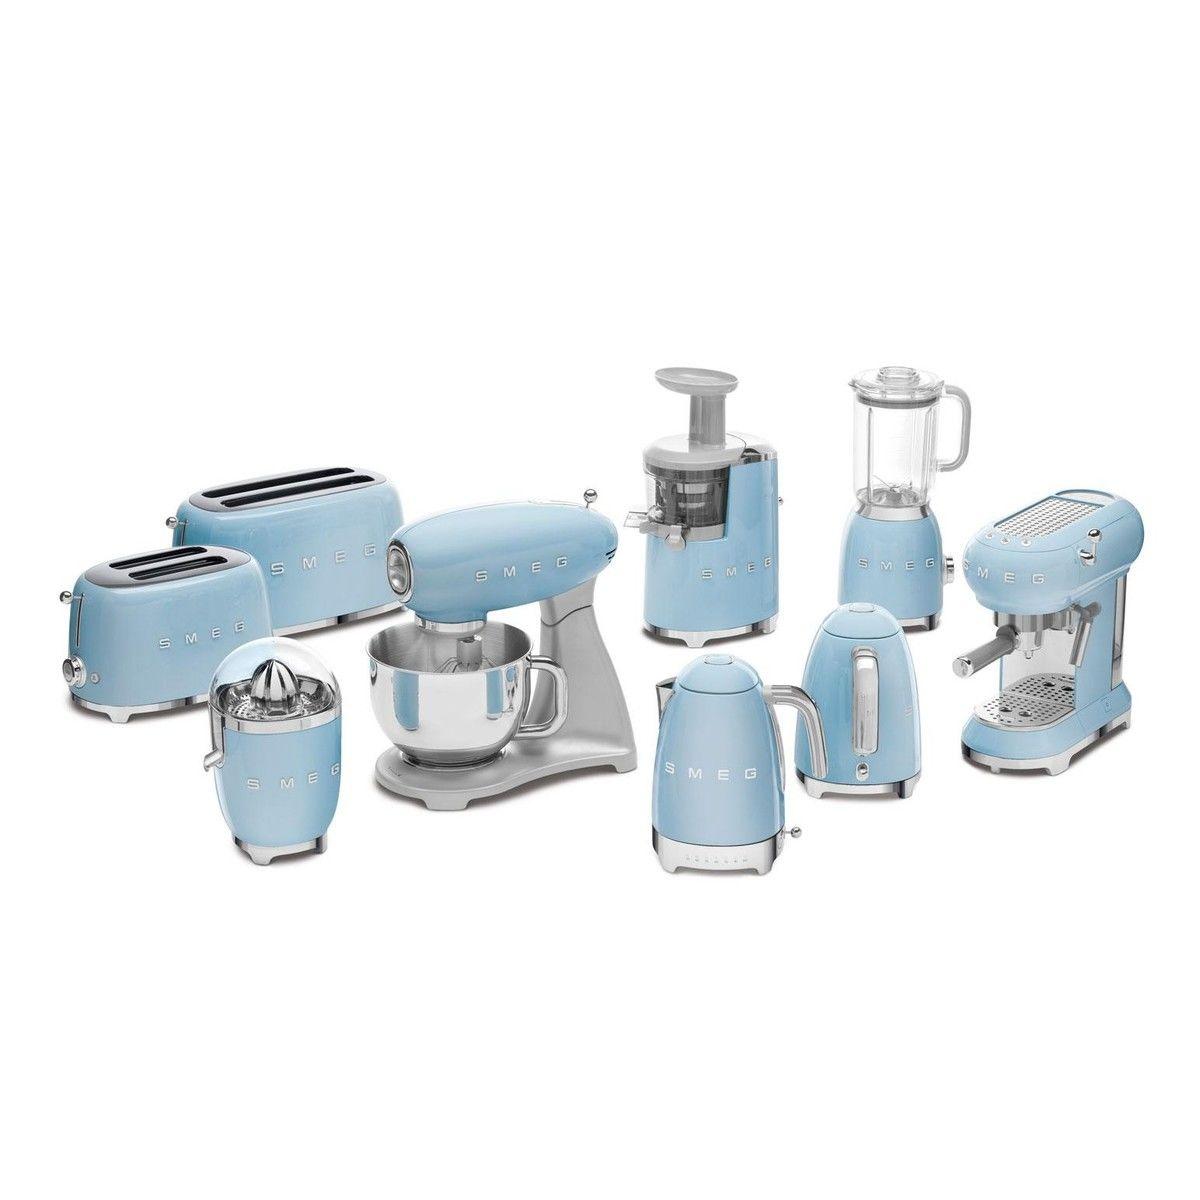 ecf01 espresso kaffeemaschine mit siebtr ger smeg. Black Bedroom Furniture Sets. Home Design Ideas